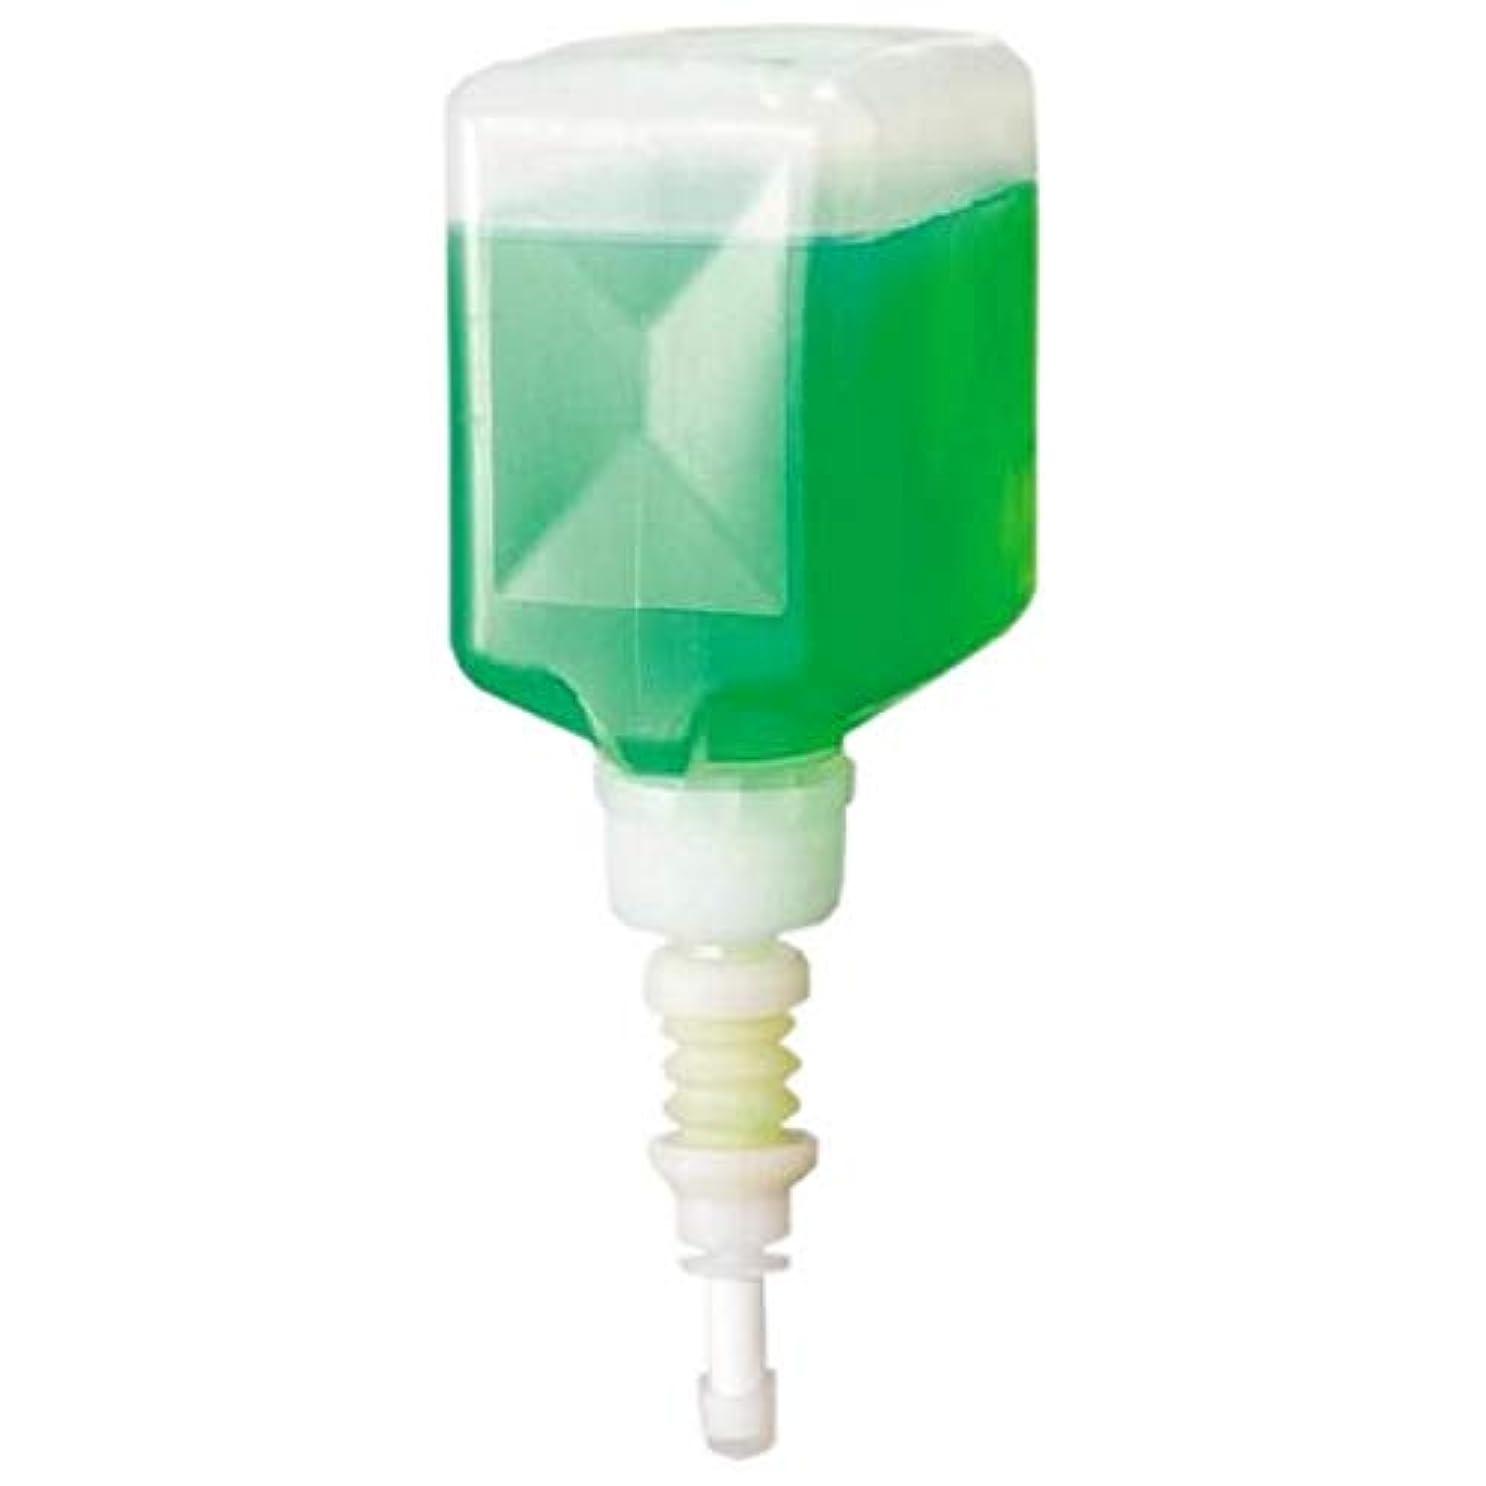 作者モノグラフ準備したスタイルデコ シャボネット石けん液Fデコ専用薬液 緑色